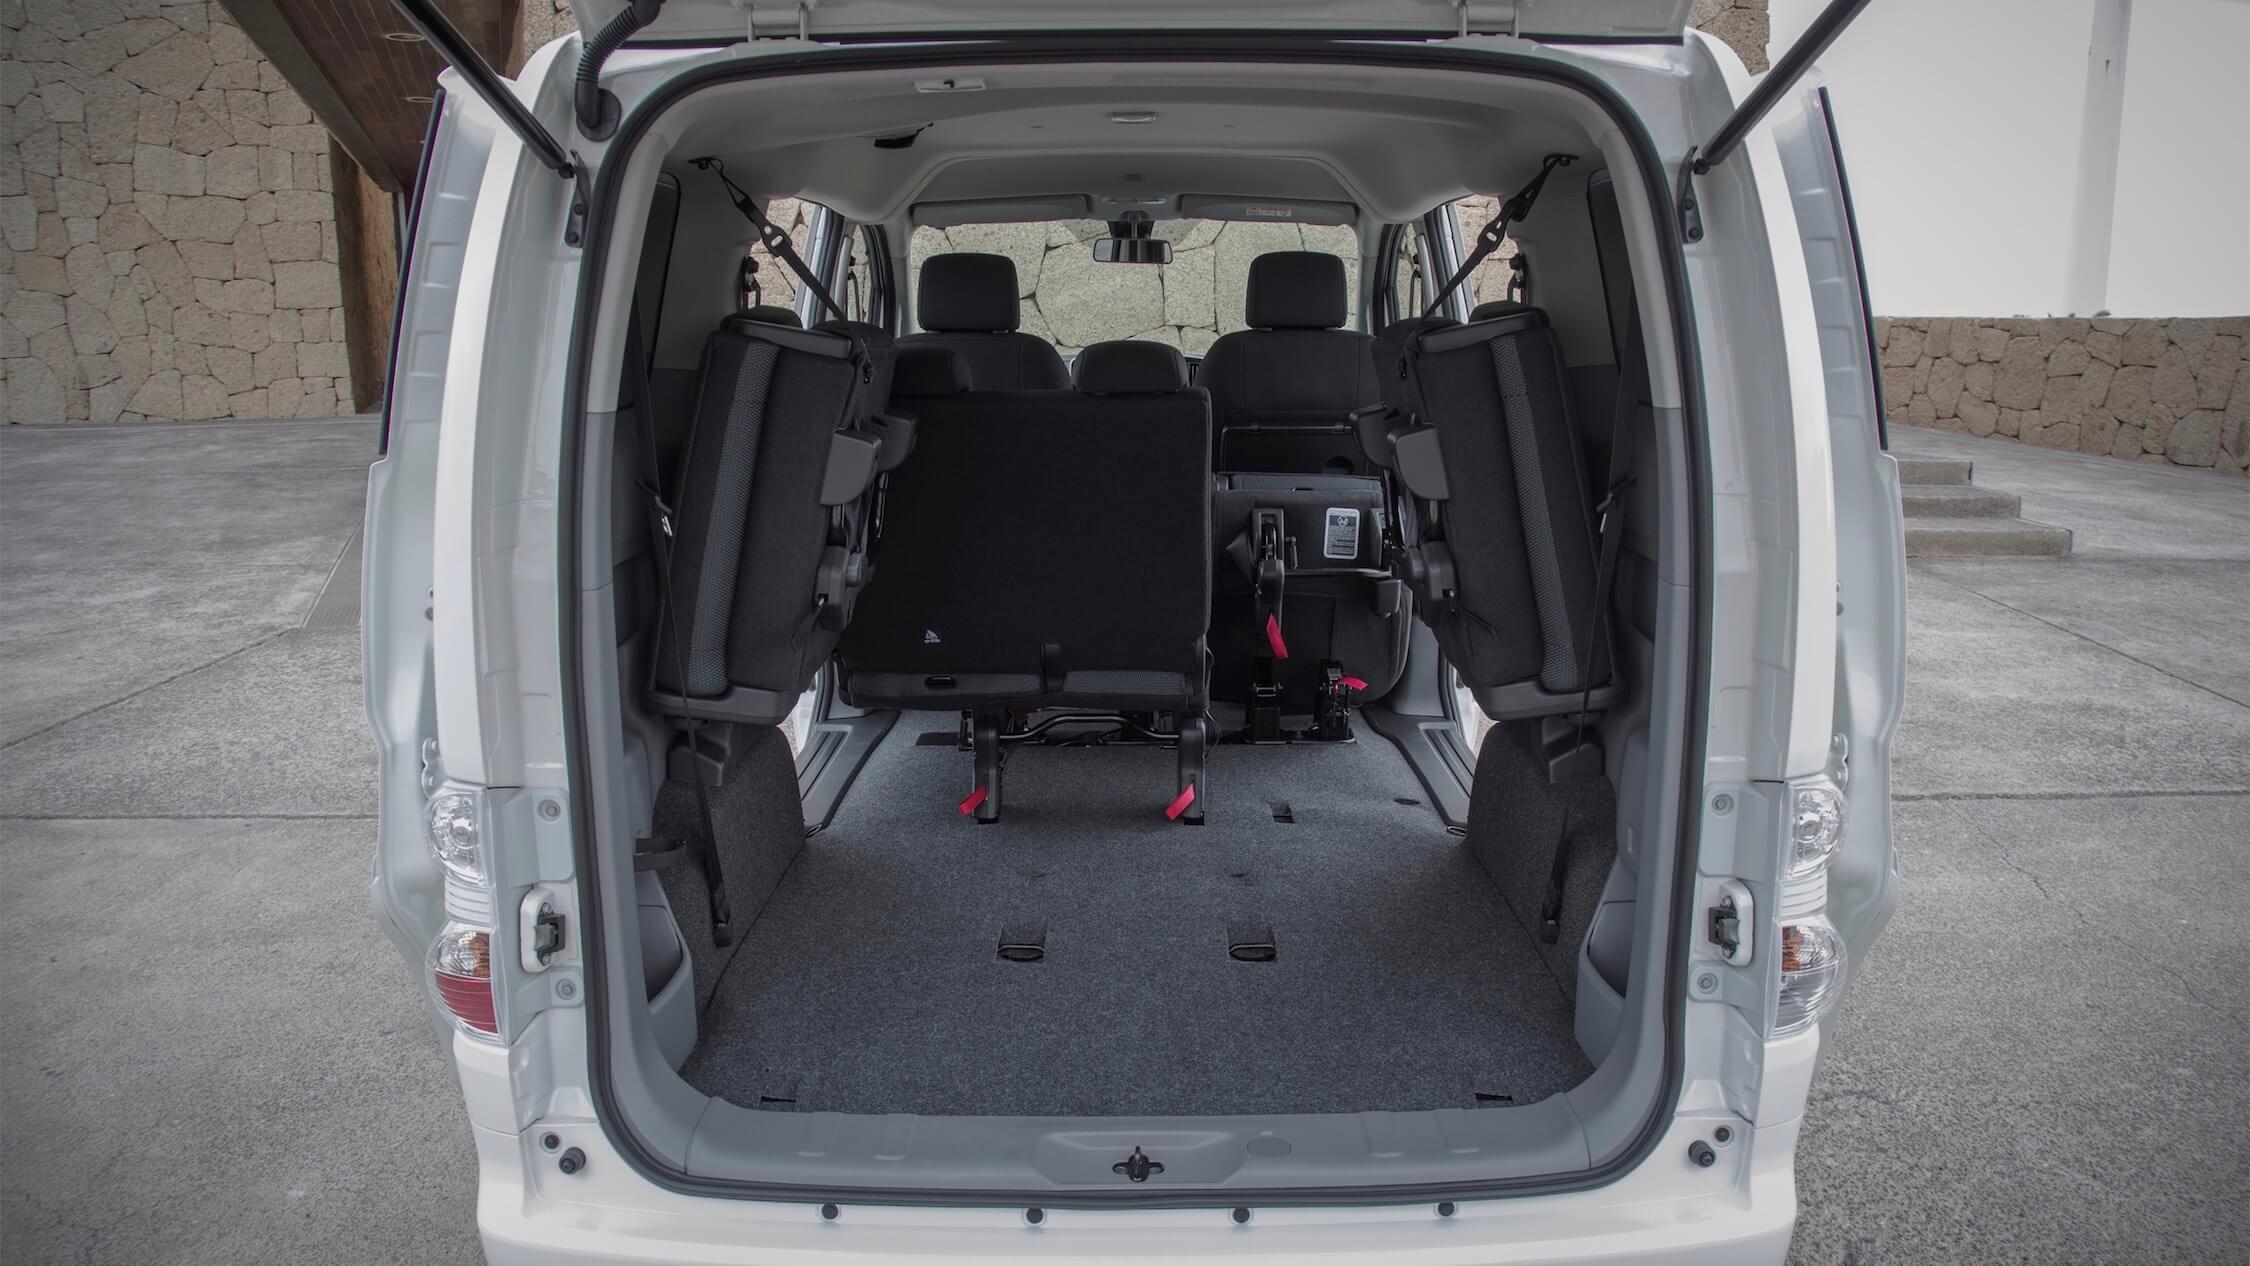 Nissan e-NV200 mala 3